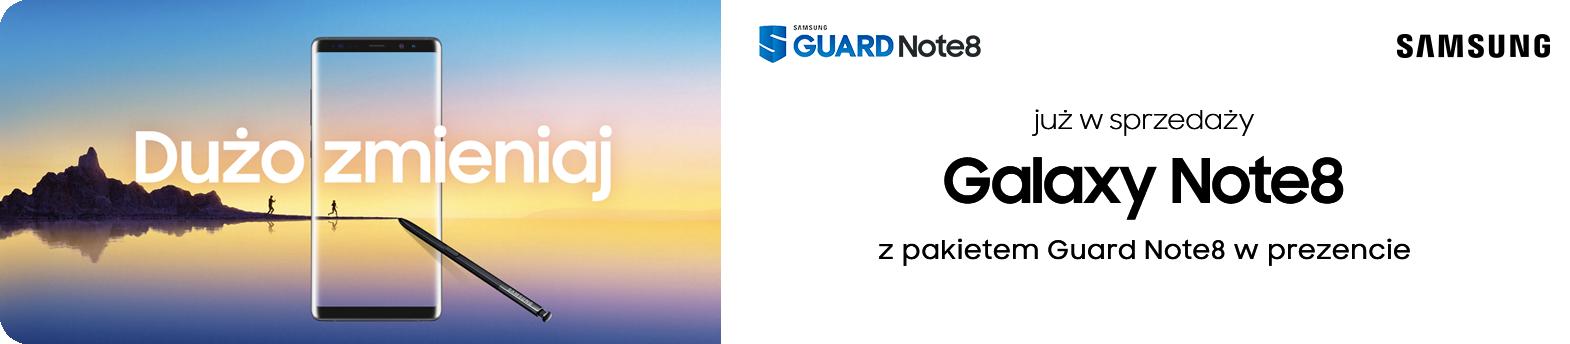 poznaj Galaxy Note 8